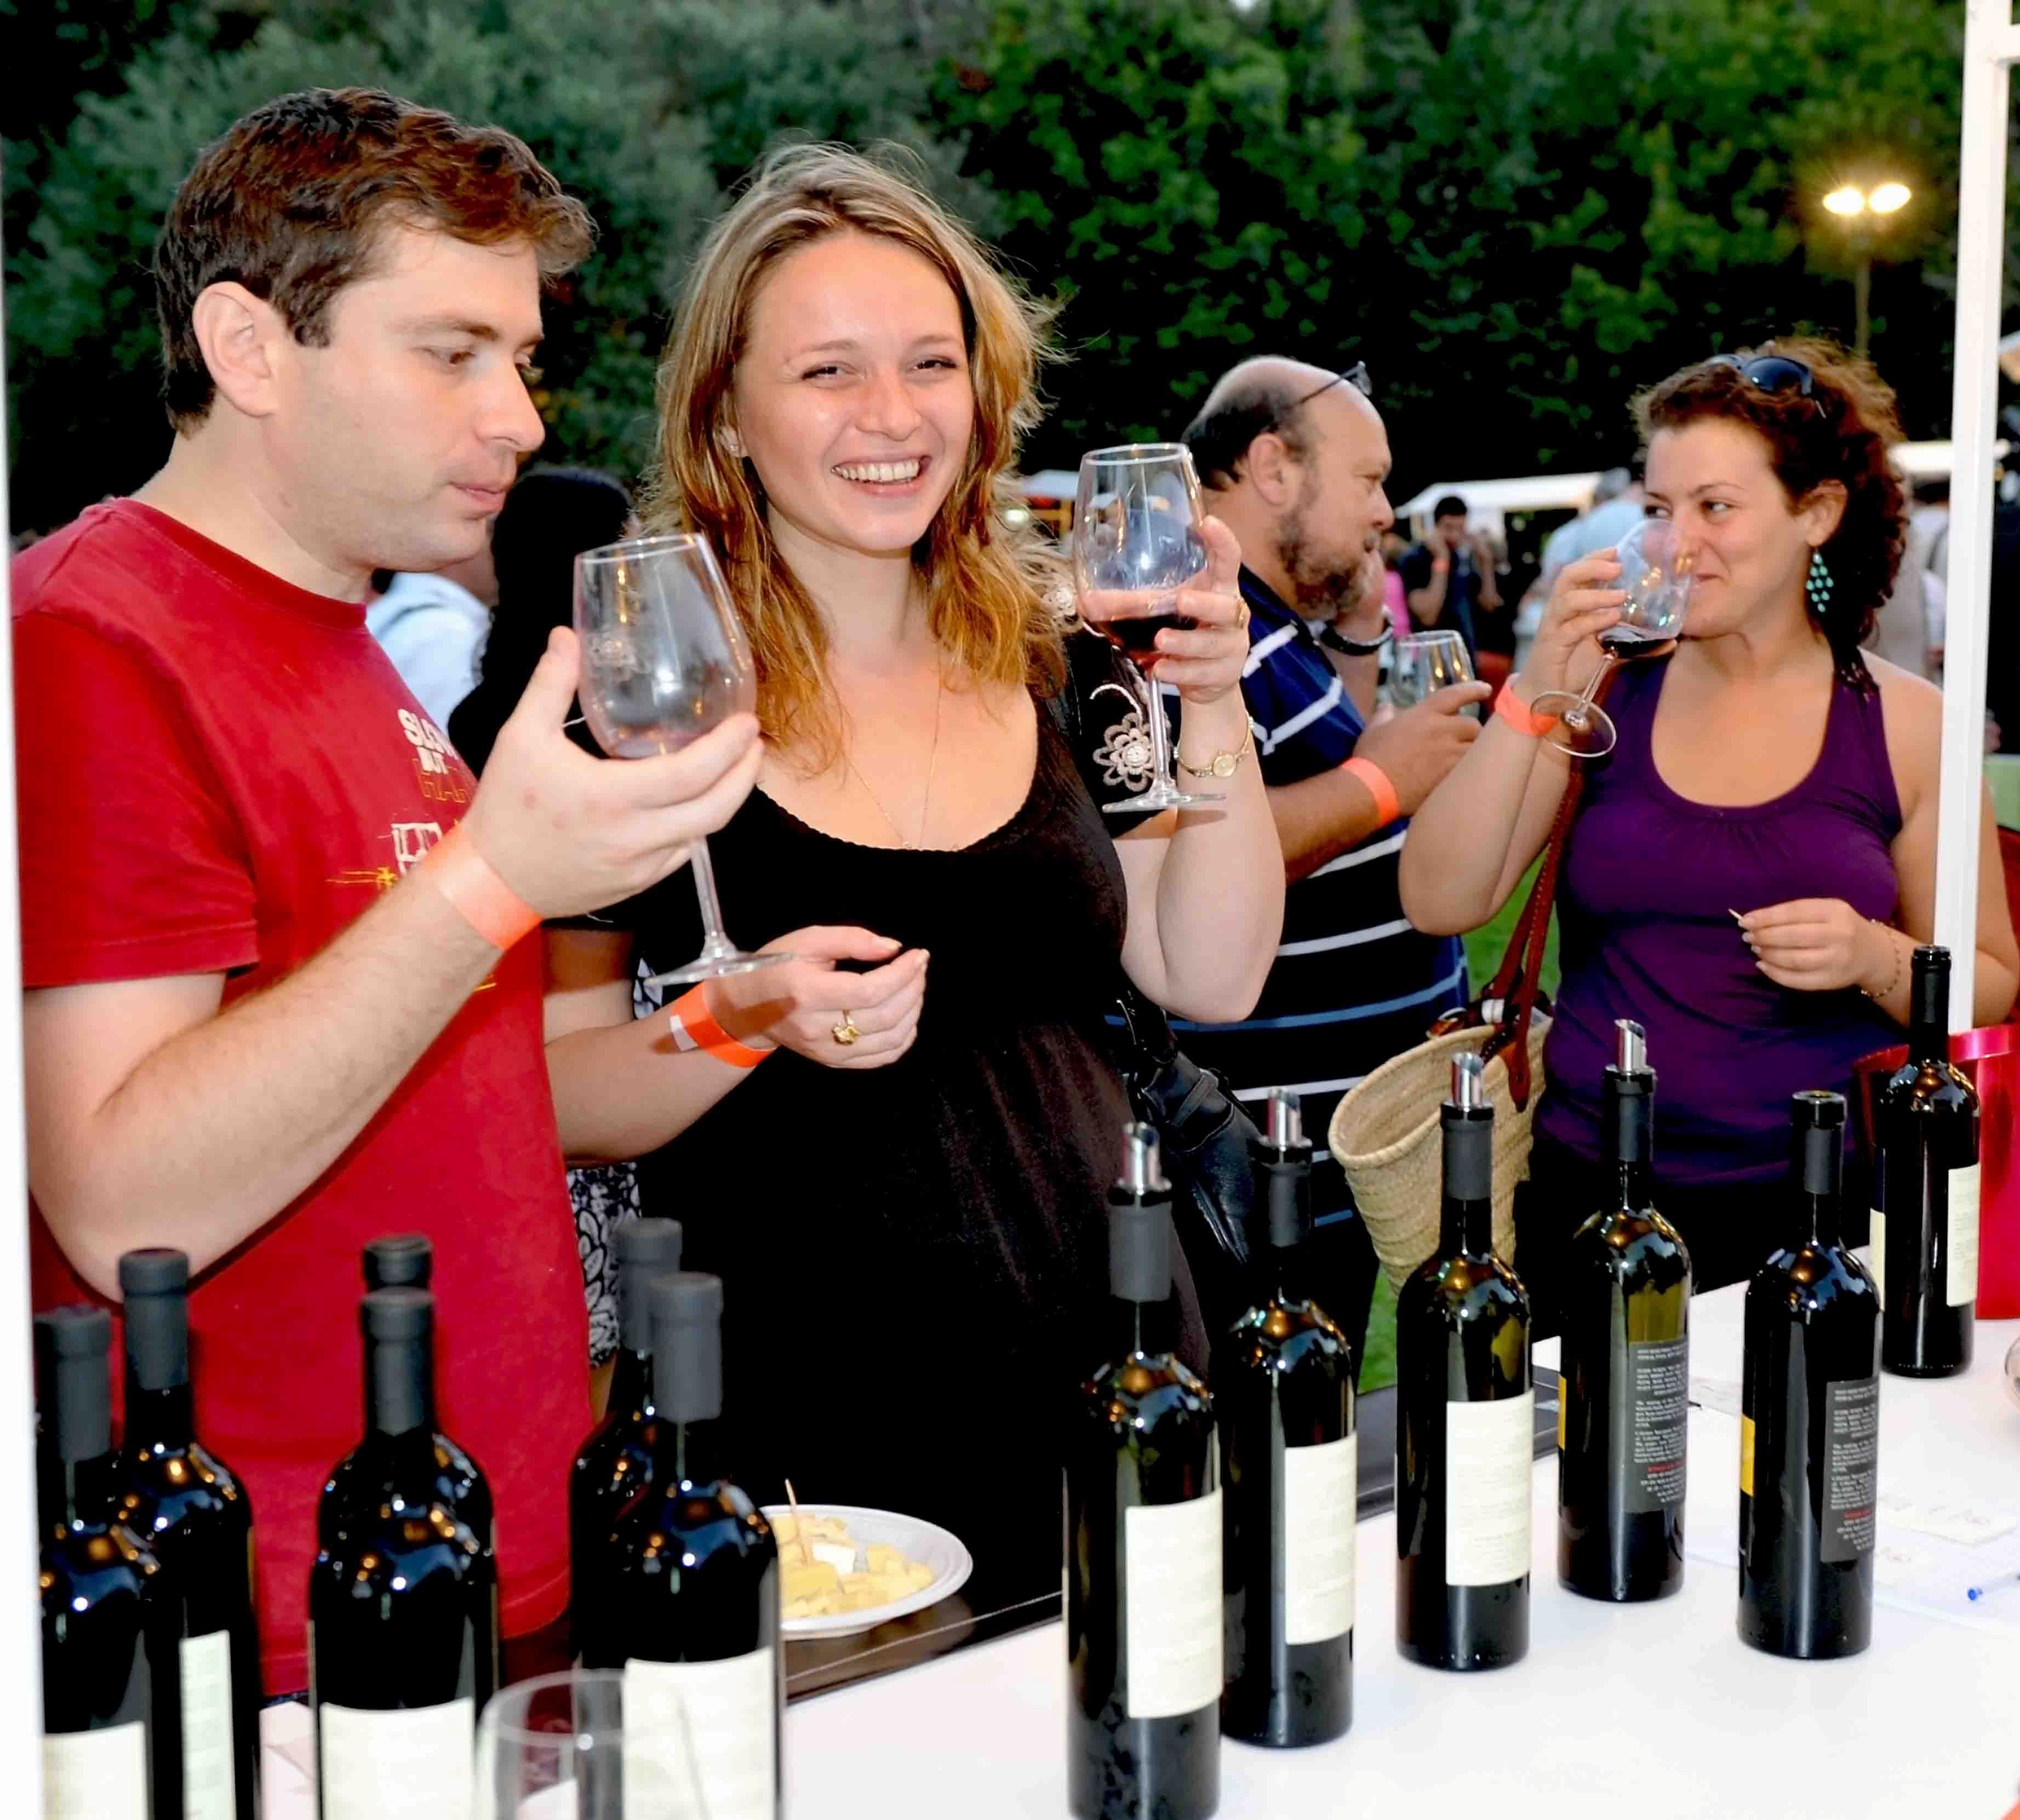 המון כיף וטעמים ביריד ביכויי יין וגבינות בחיפה שבועות (צילום: עיריית חיפה)